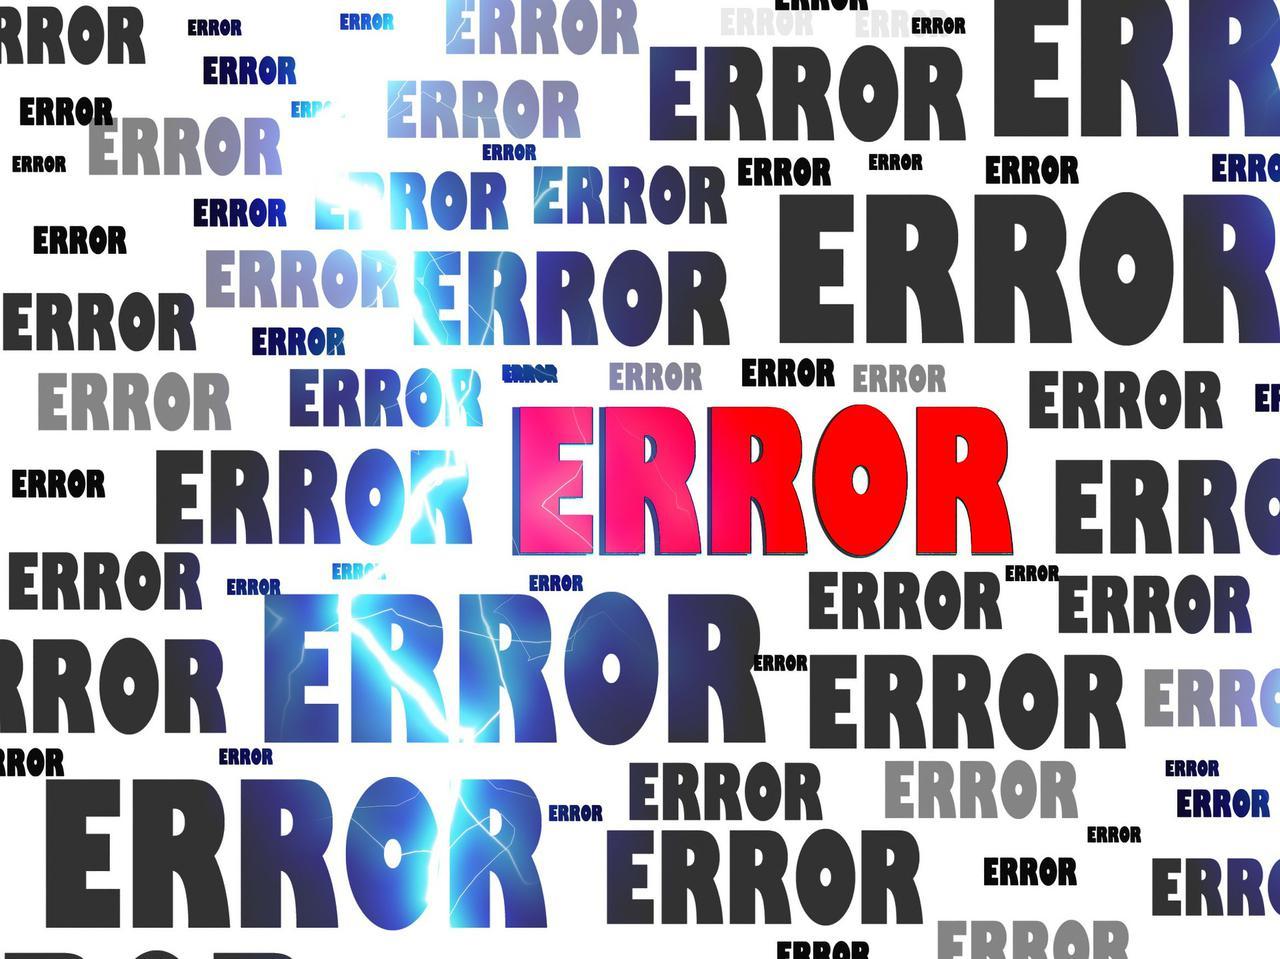 error-63628_1920.jpg